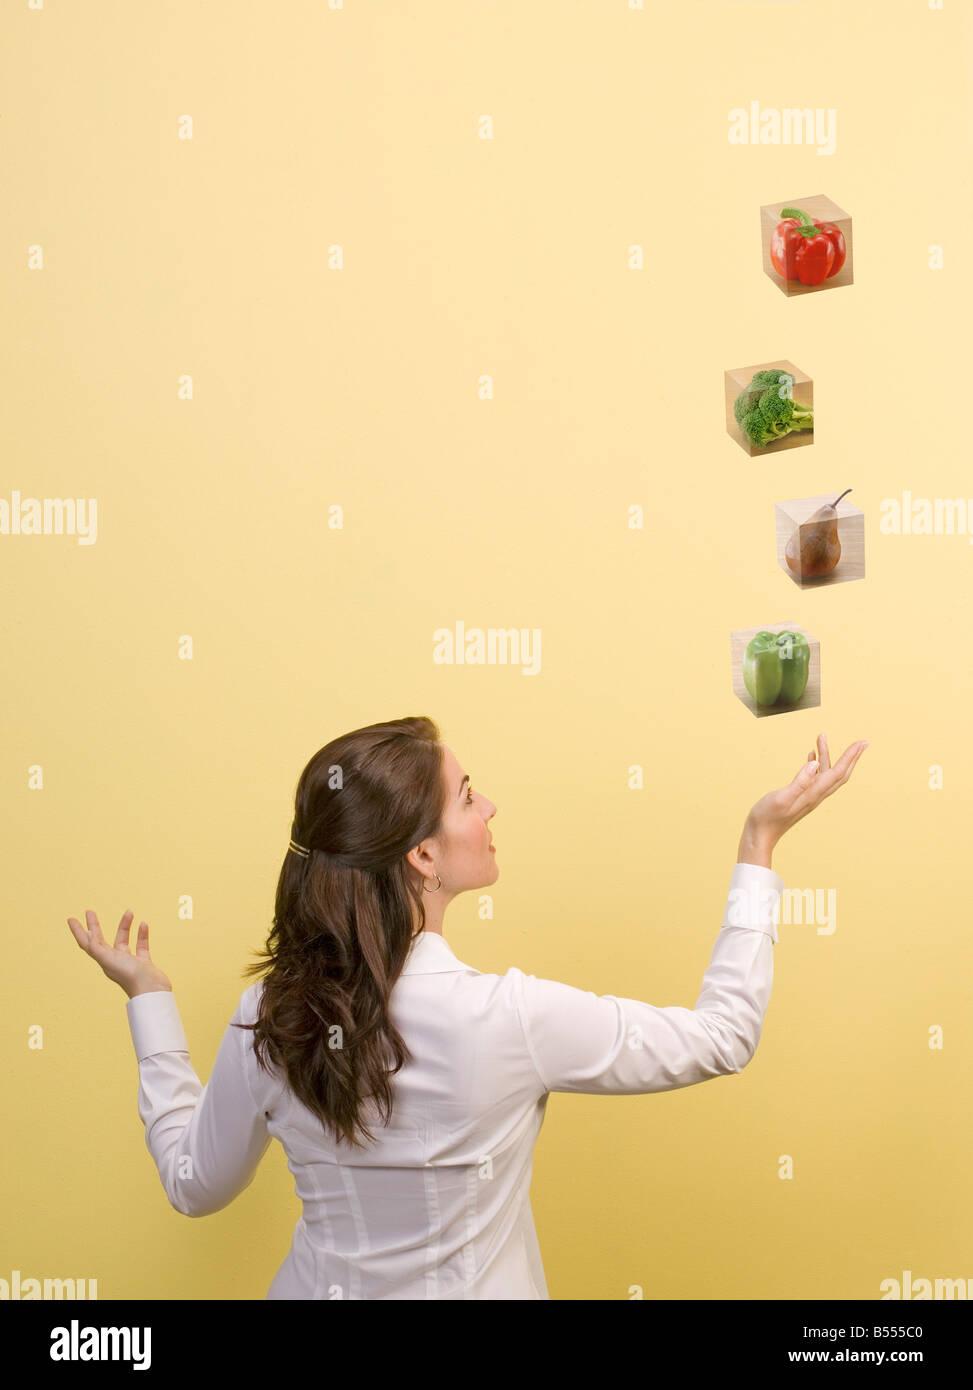 Donna di lanci blocchi alimentari nell'aria nutrizione salute Dieta mangiare Immagini Stock